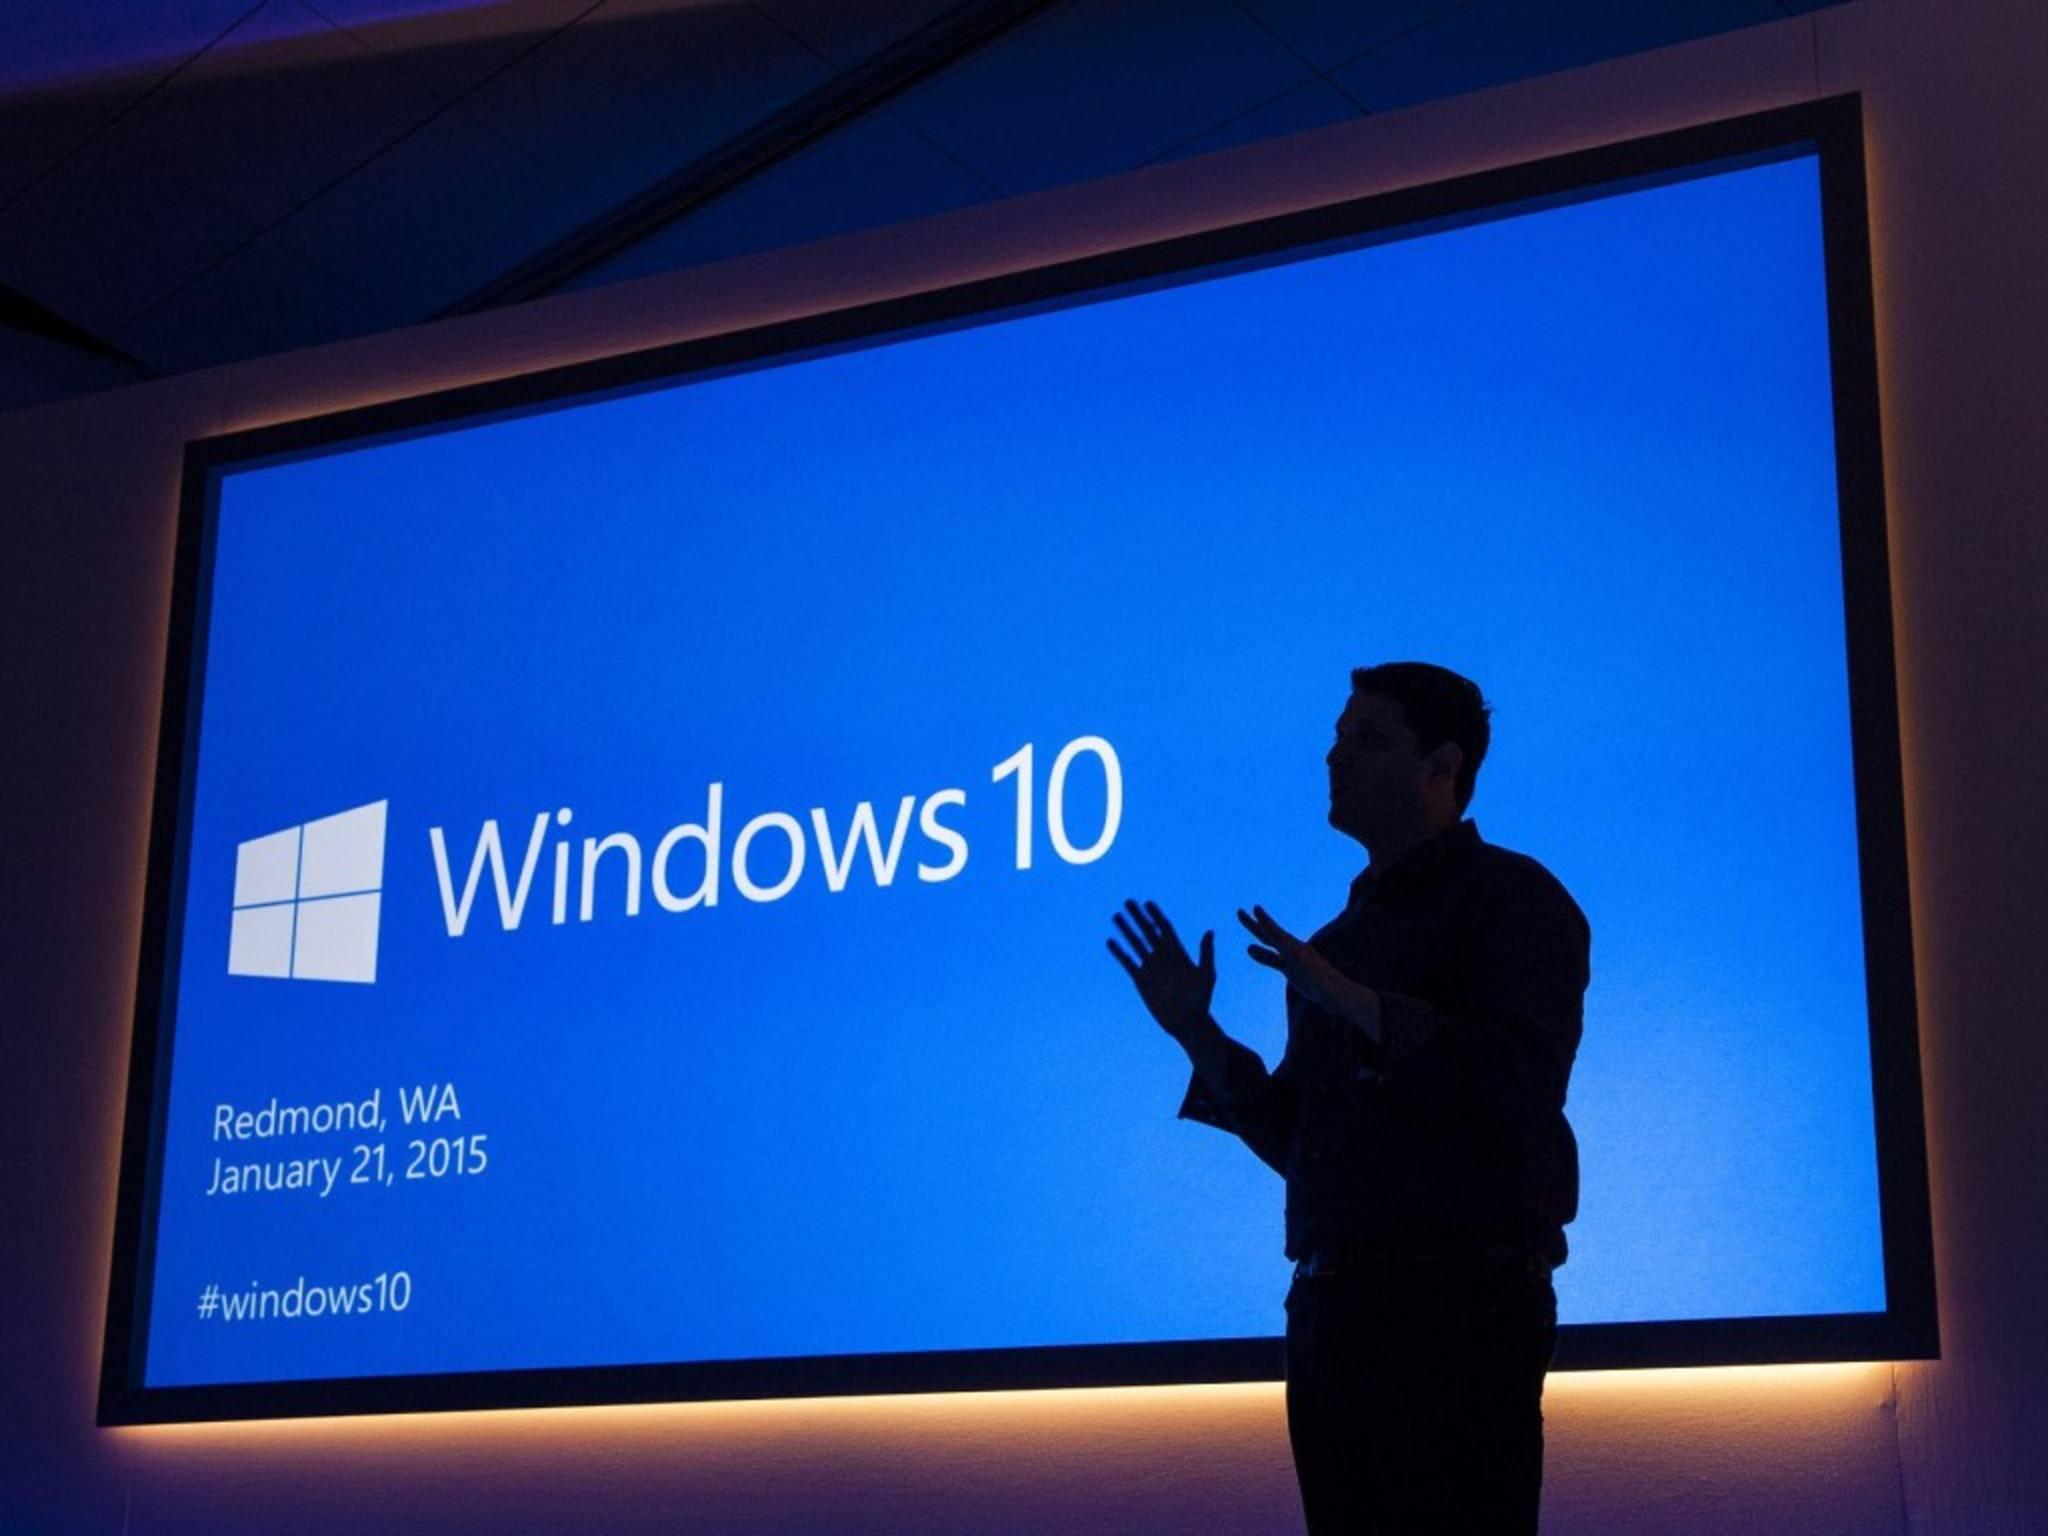 Nicht jeder wird Windows 10 direkt am 29. Juli bekommen.